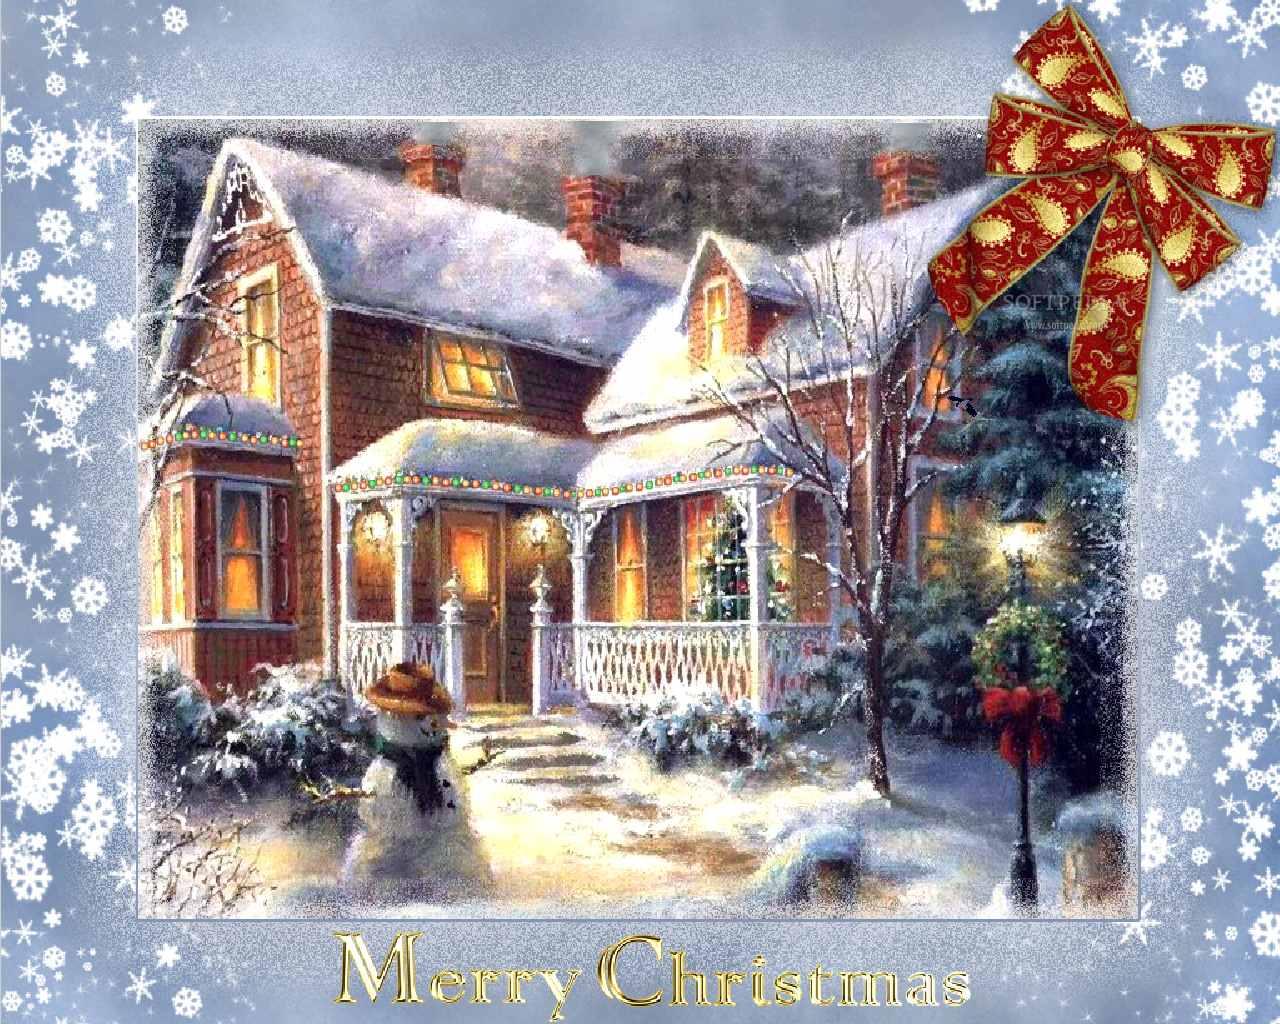 http://4.bp.blogspot.com/-7M_jDHfqkYo/TwFODv8WXcI/AAAAAAAAFOc/DYw-r8tEfU8/s1600/Christmas-Time-Animated-Wallpaper_1.jpg